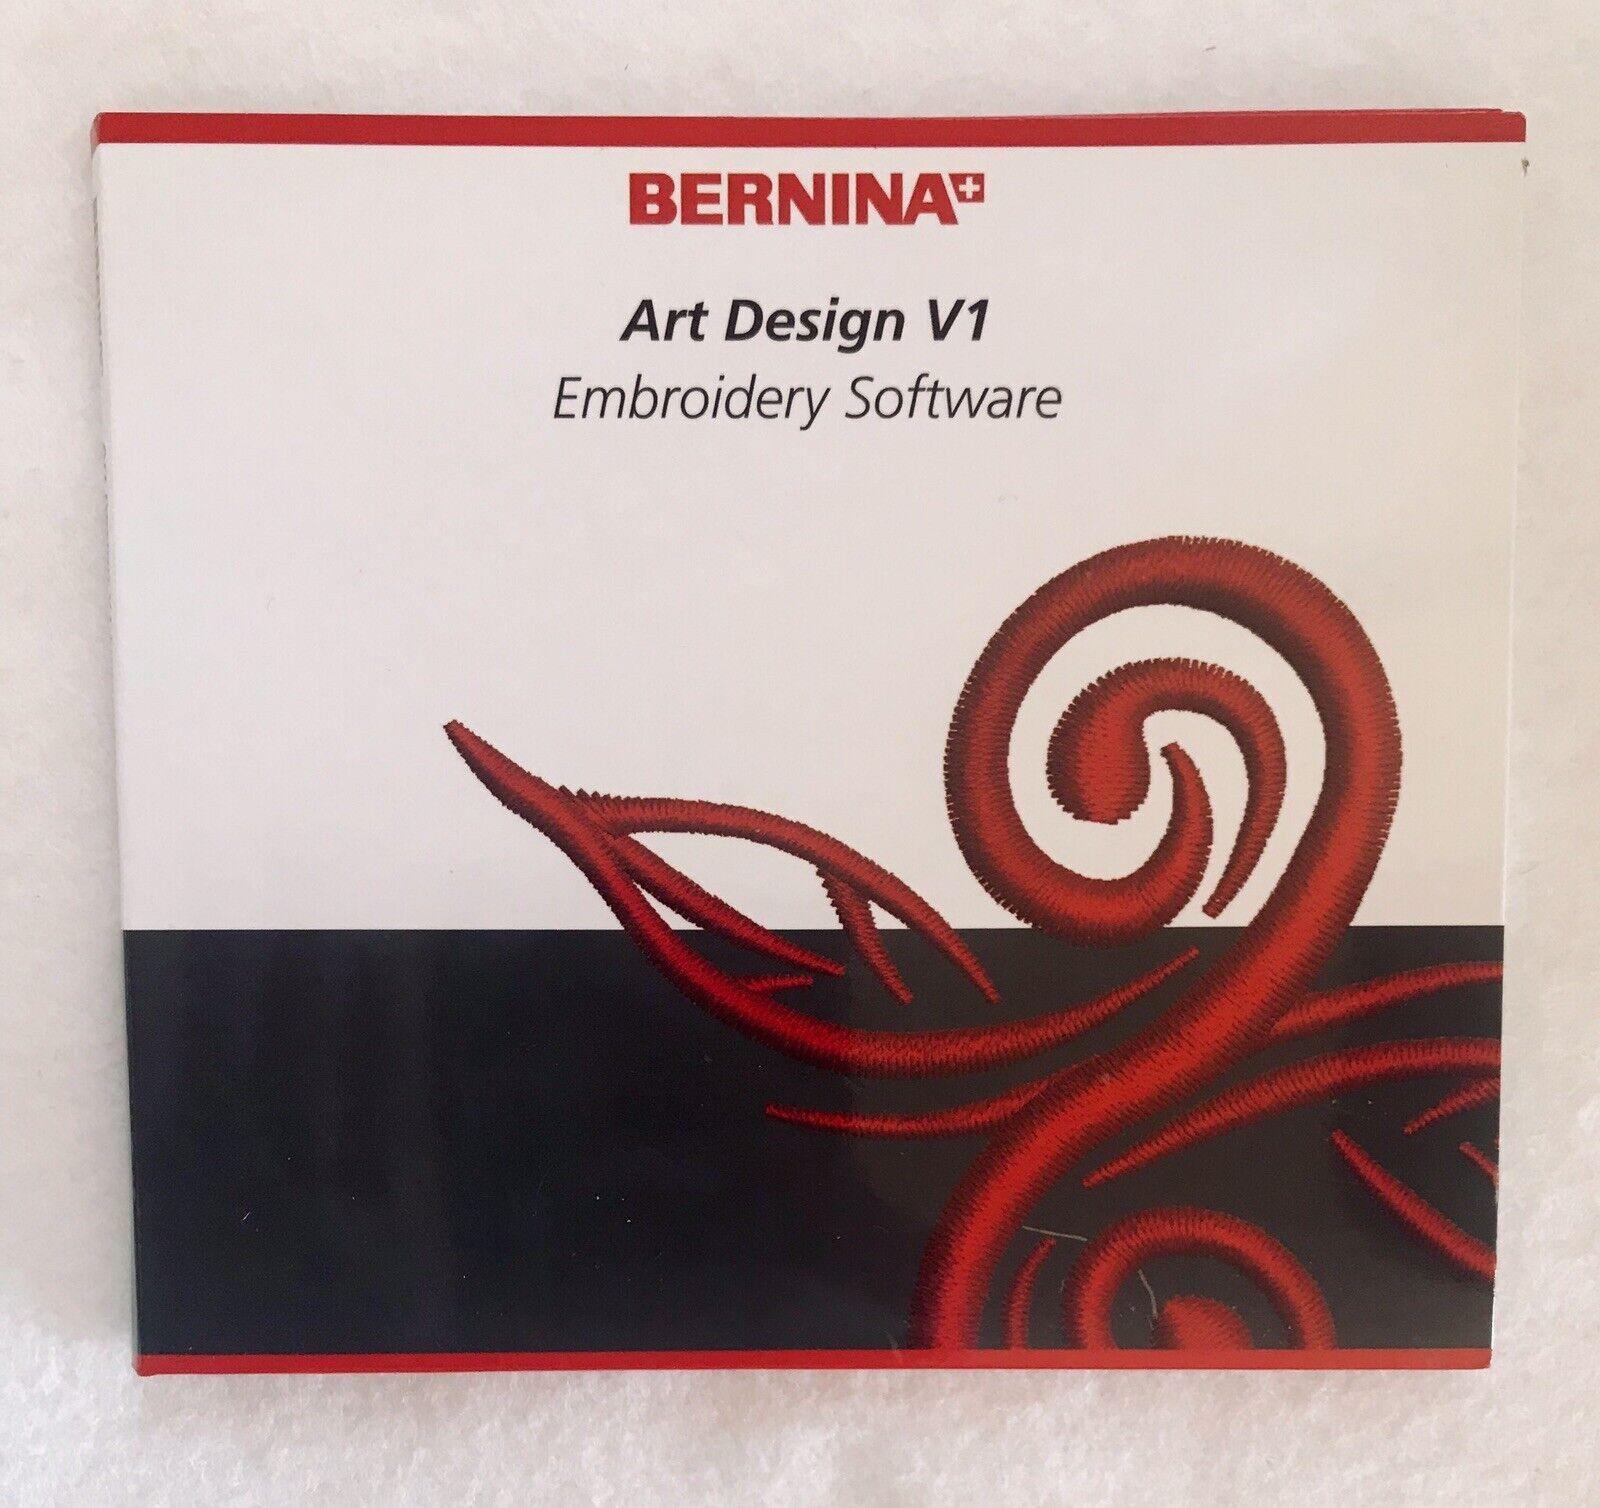 Genuine Bernina Installation Cd Art Design V1 Embroidery Software For Sale Online Ebay